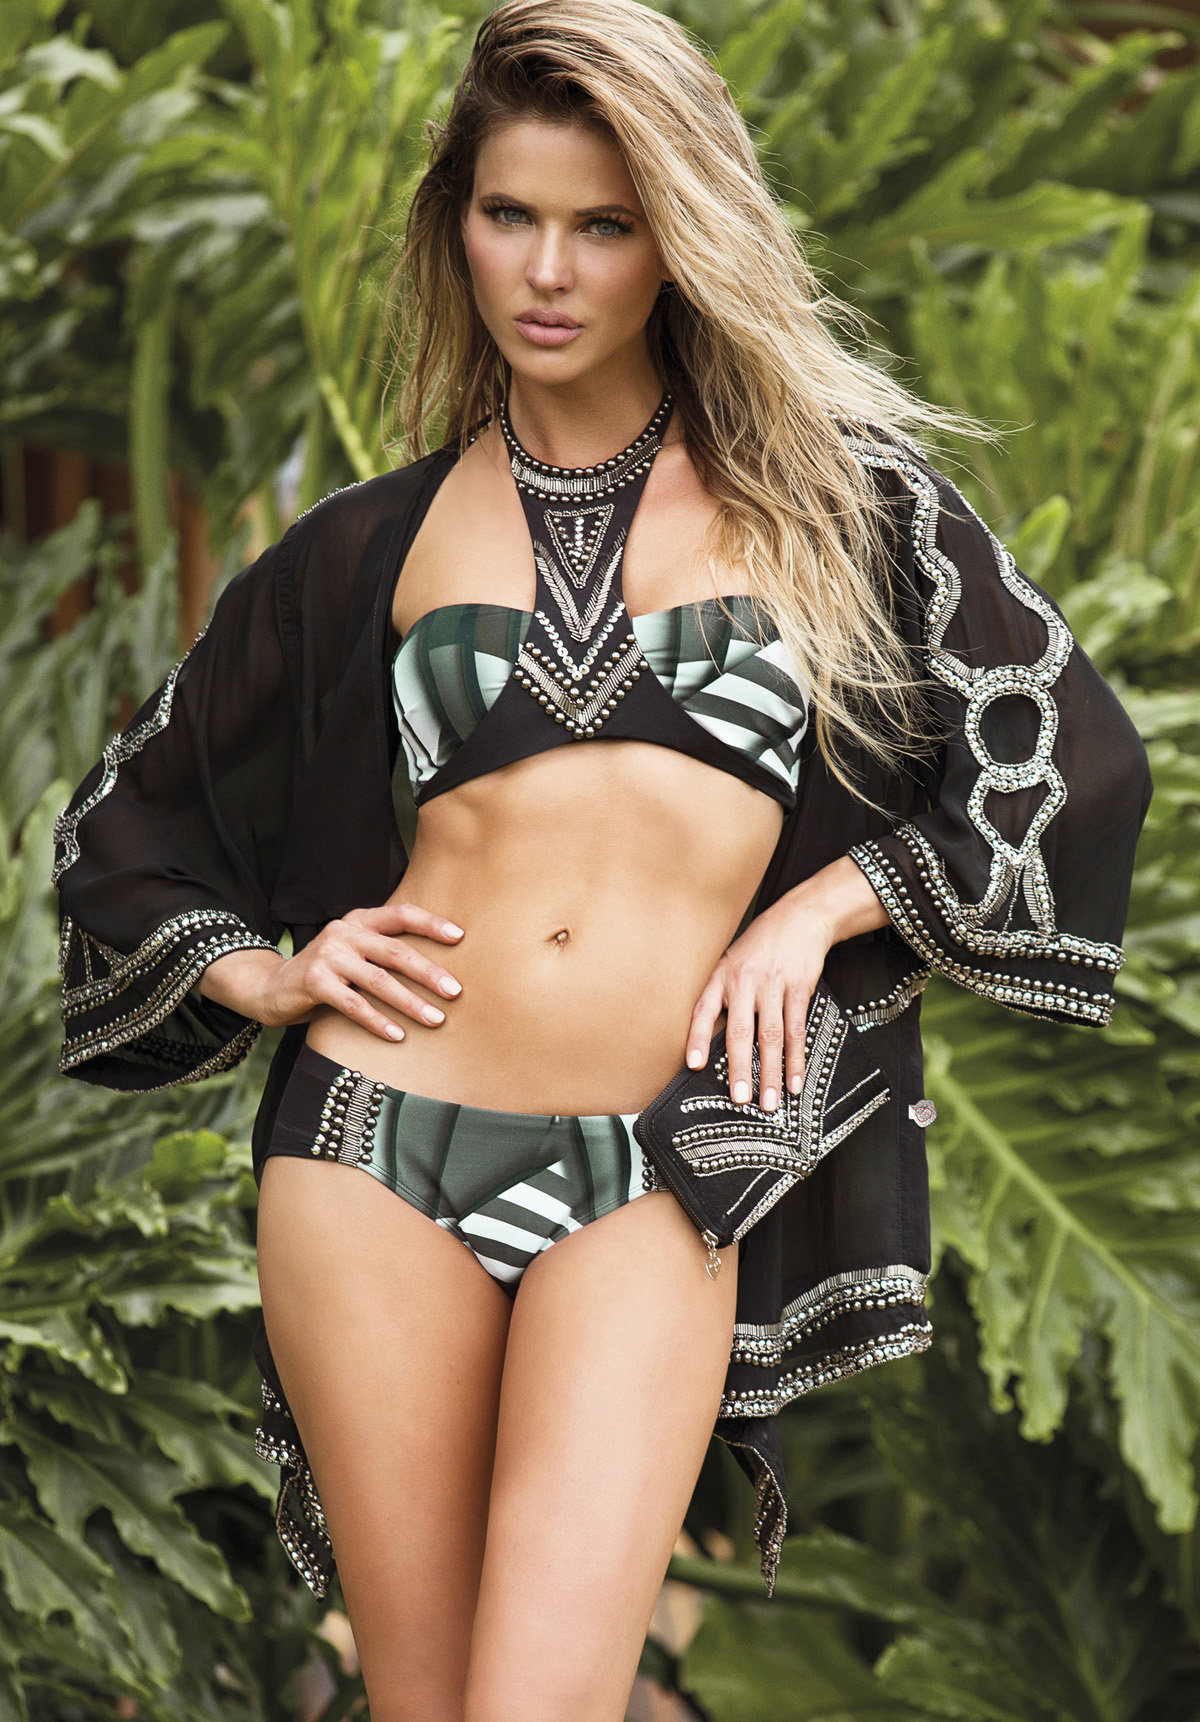 Paradizia Swimwear: Black Onyx Cutout Bikini Top (Shown with Matching Onyx Bottoms!)